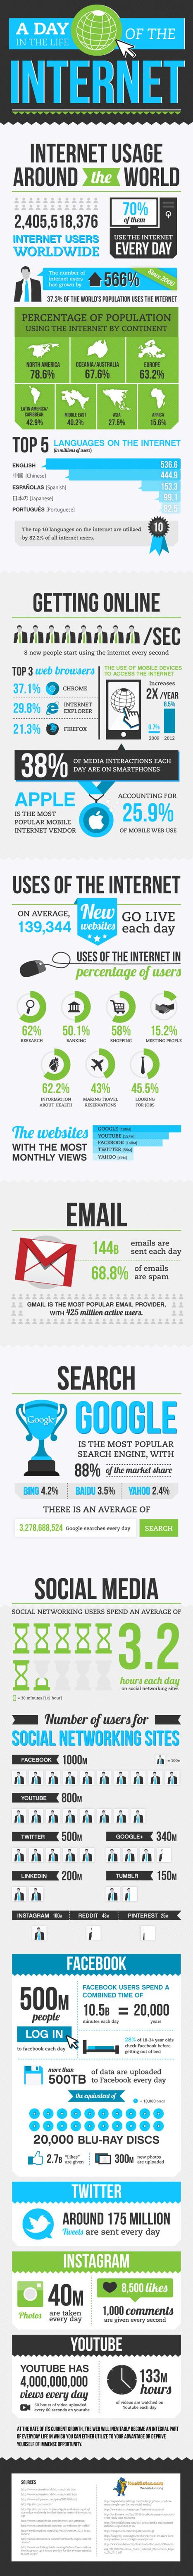 Les chiffres les plus marquants de l'internet - Mai 2013 | Web 2.0 infos | Scoop.it